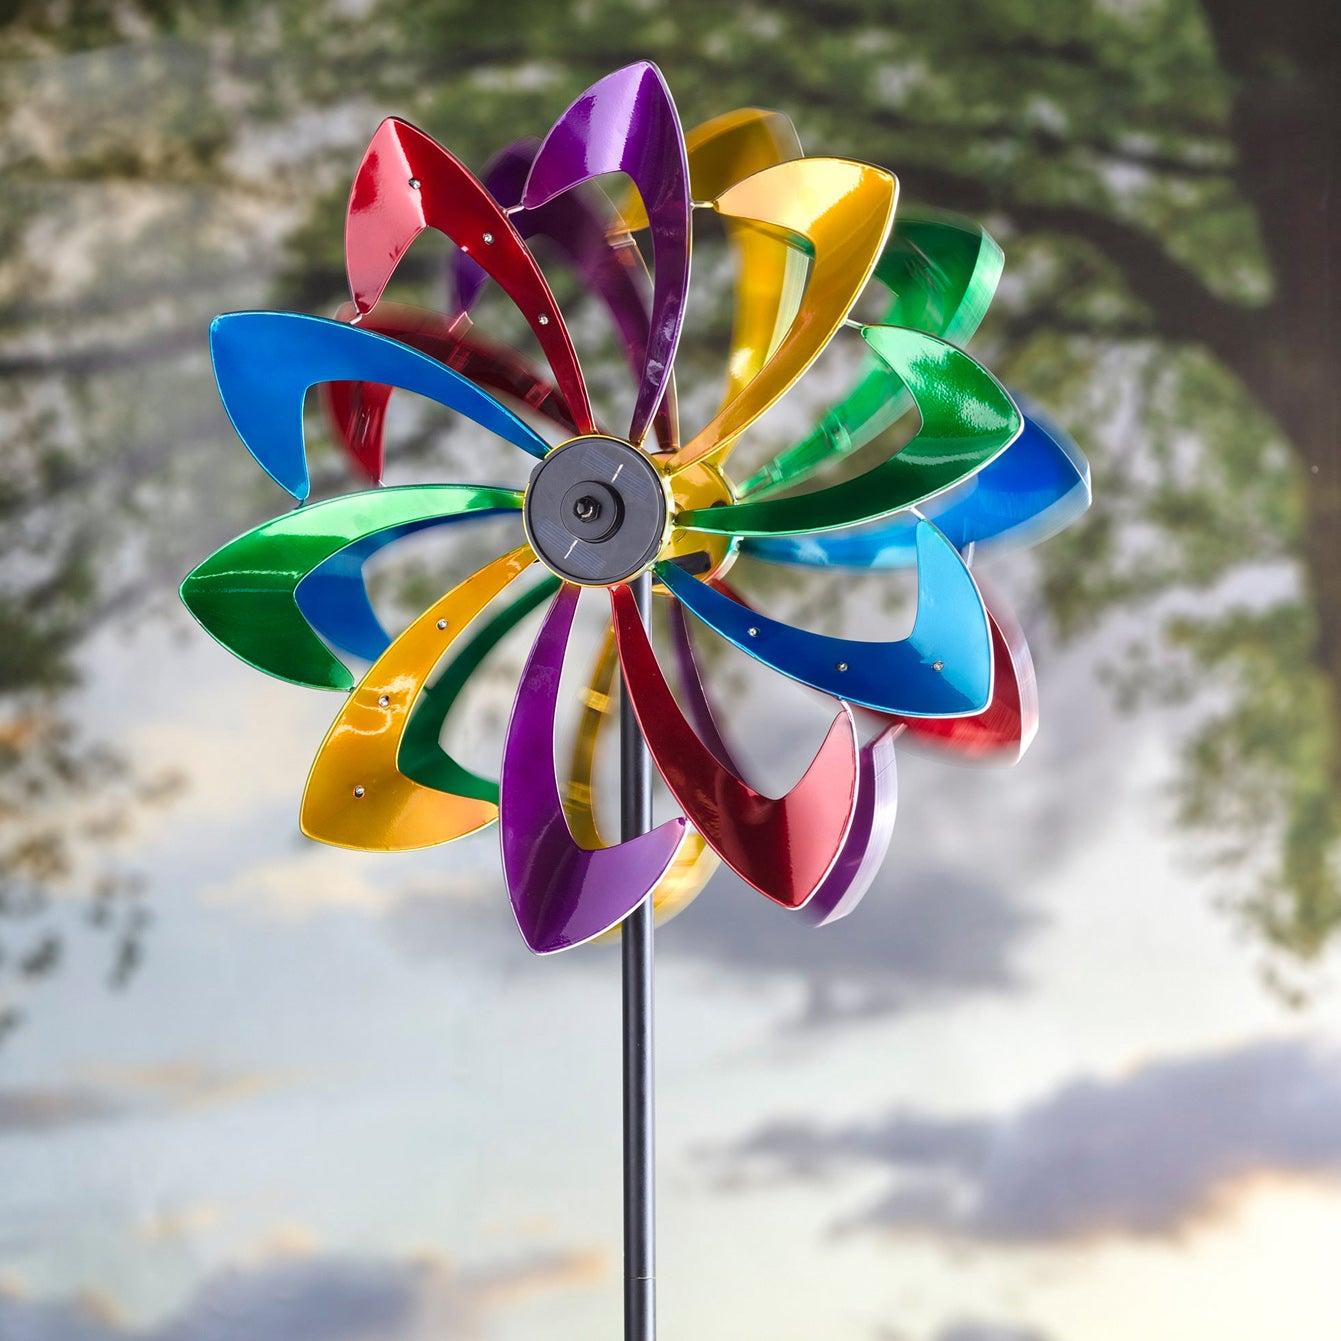 LED Flower Metal Kinetic Solar Wind Spinner